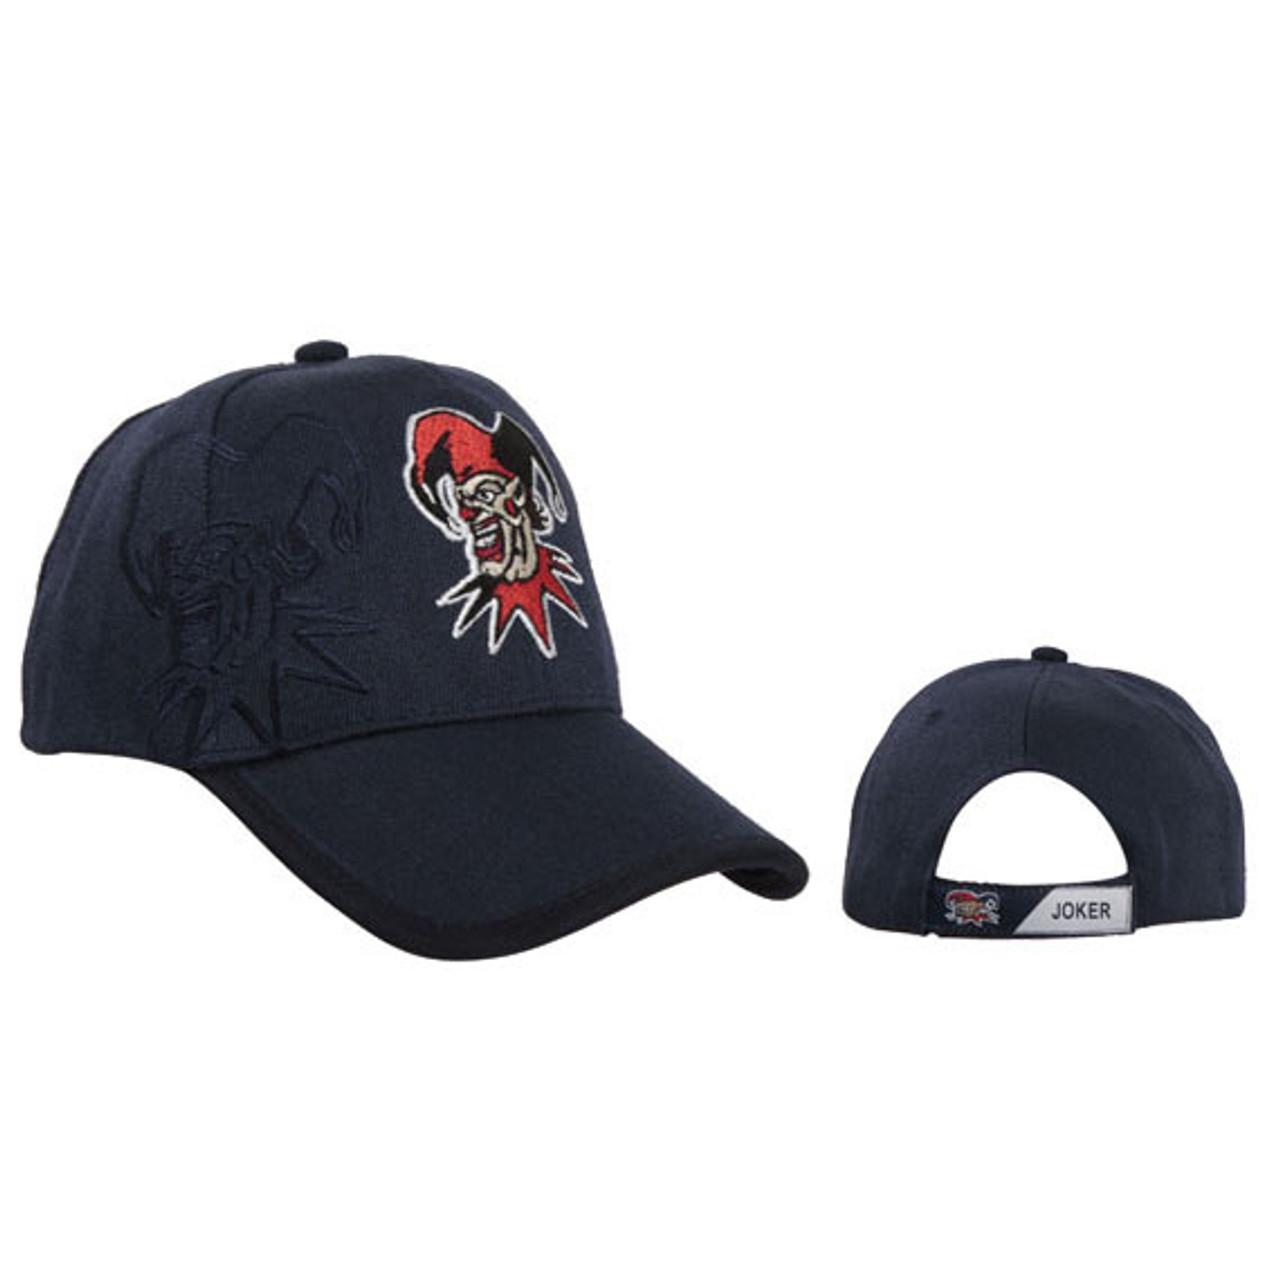 Navy Blue Joker Baseball Hat Wholesale